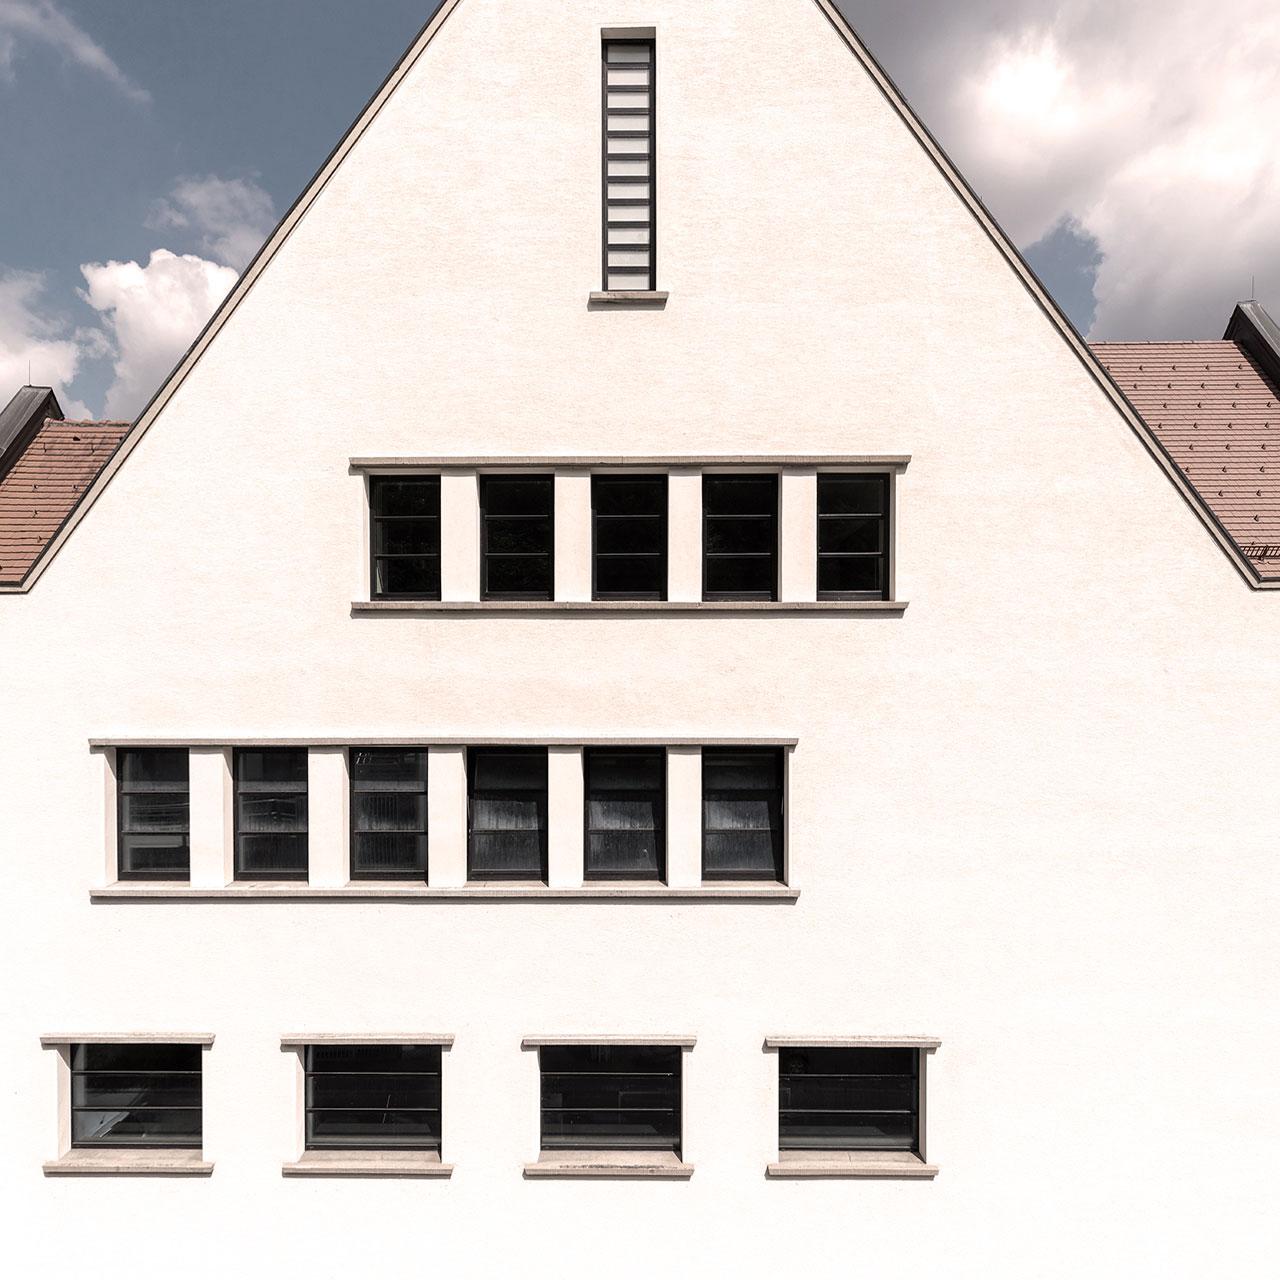 Umbau und Erweiterung Stadthalle Sigmaringen, Ausschnitt Altbau